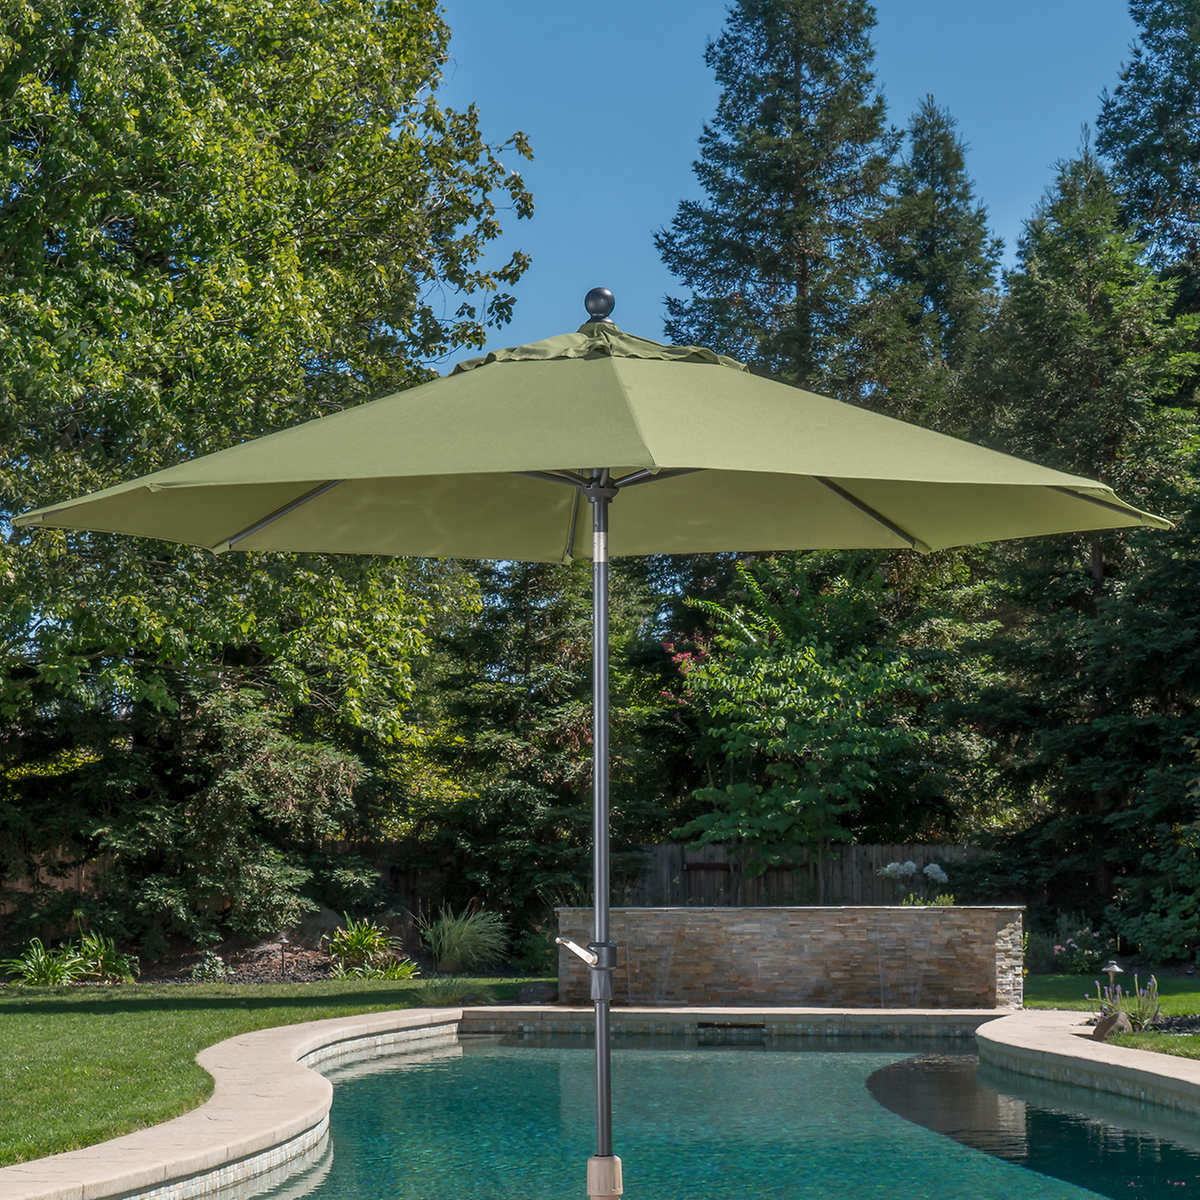 02da0bf94f7e5 ... ProShade 10' Auto Tilt Aluminum Umbrella. green 1 green 1